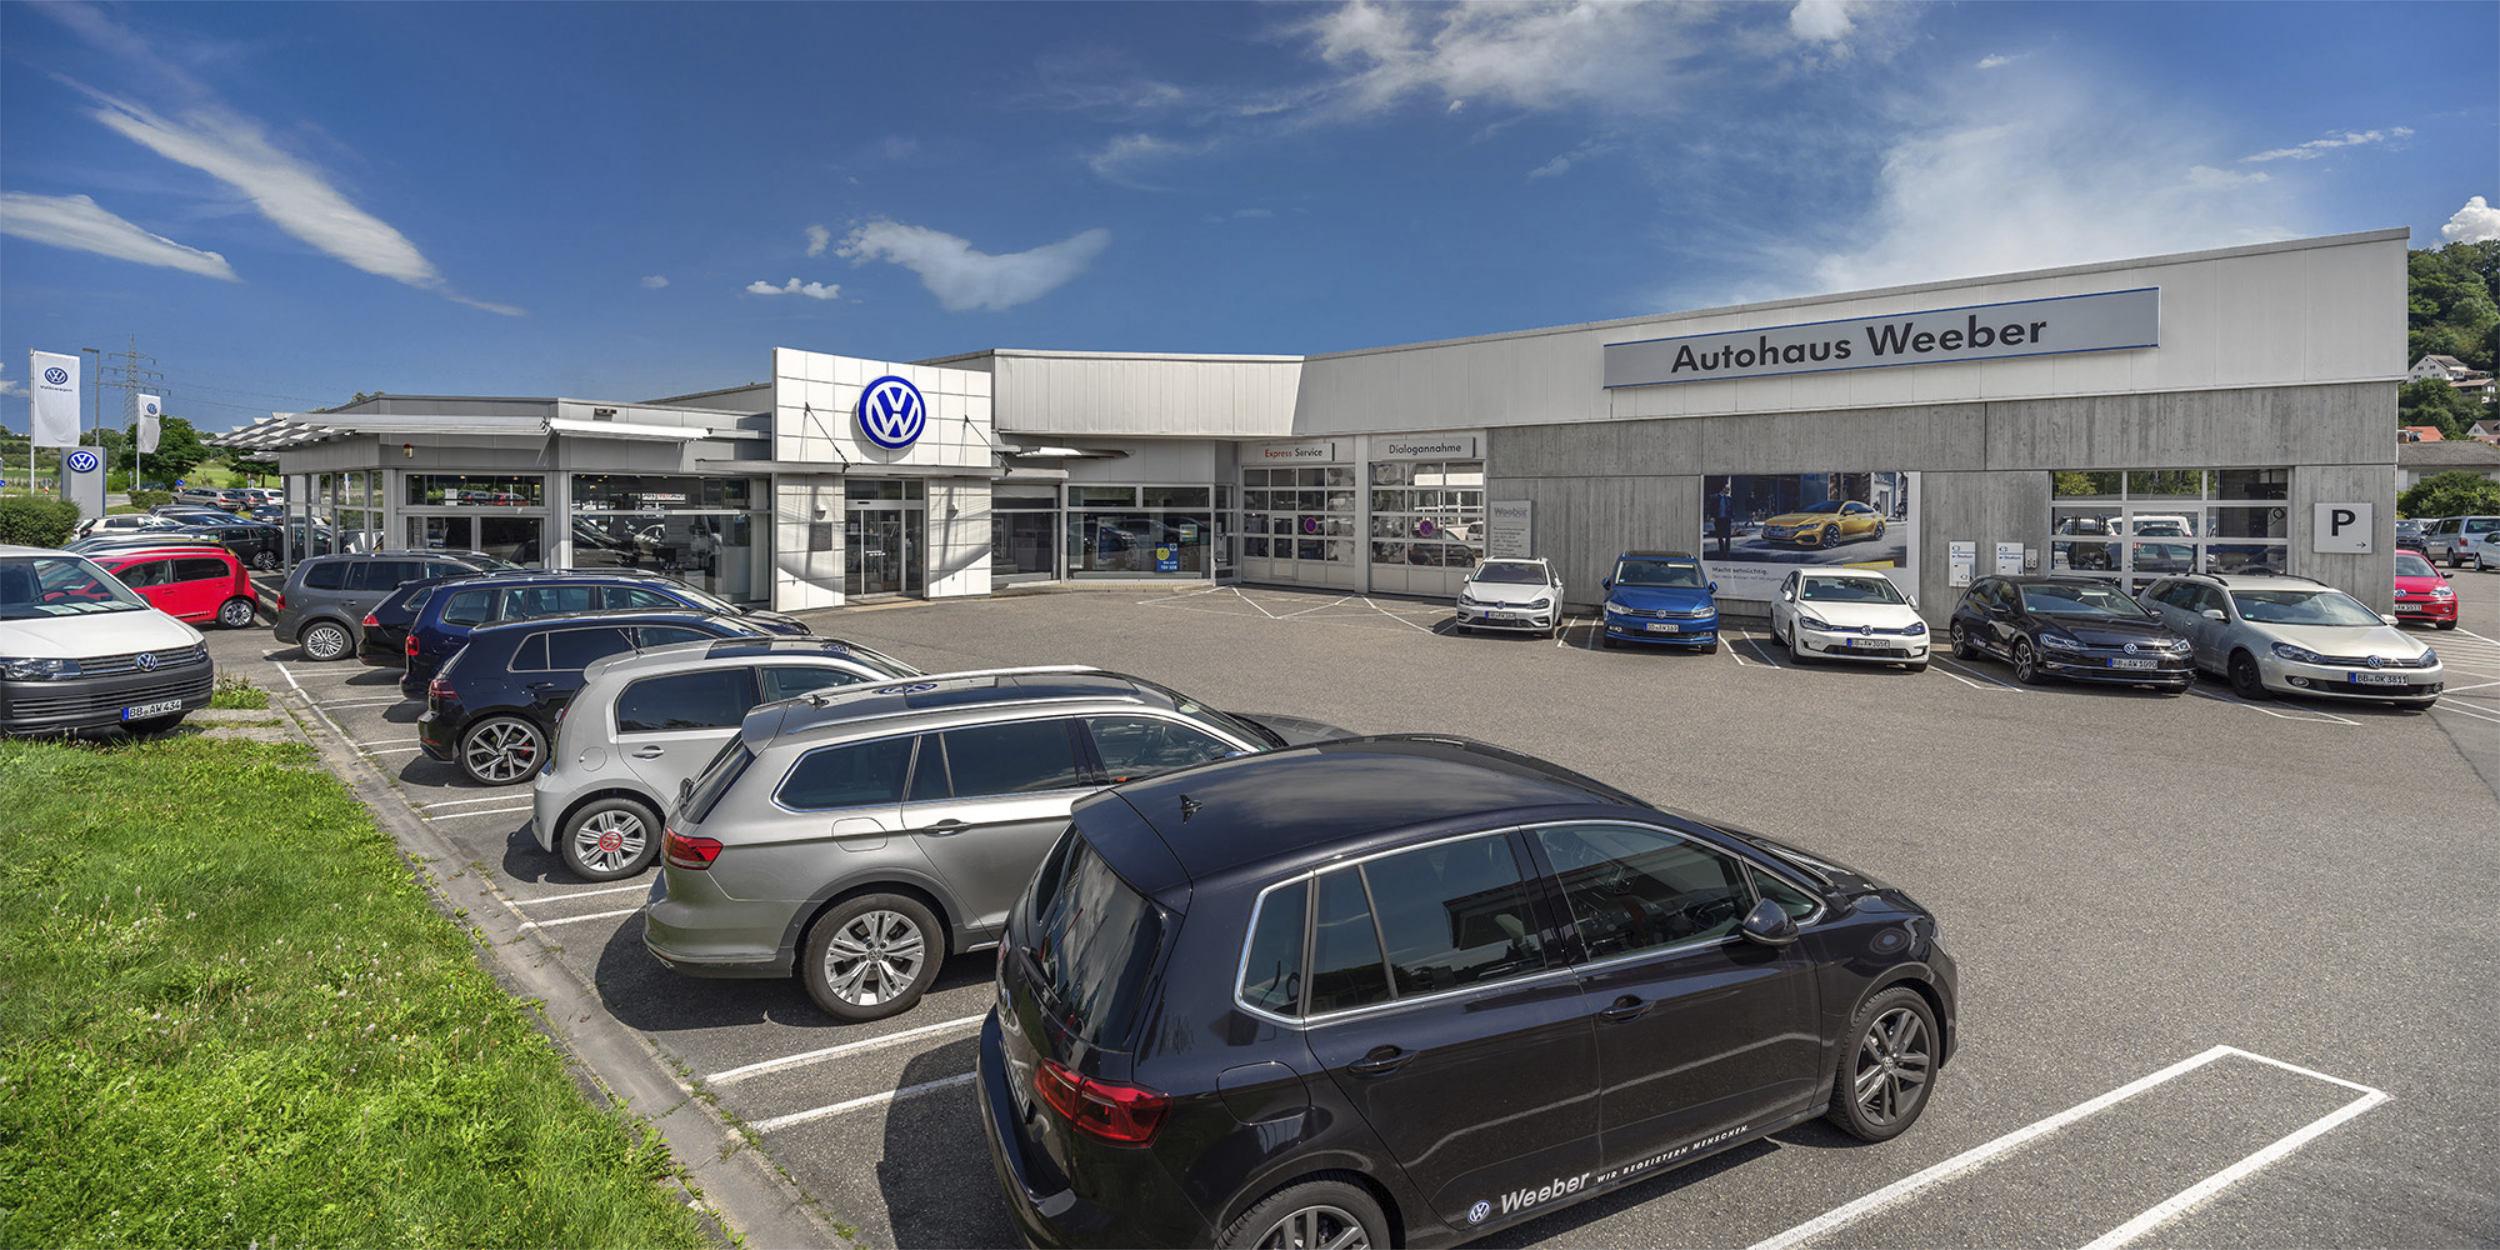 Architekturfotografie Stuttgart und Umgebung Autohaus Weeber Herrenberg Werkstatt Verkaufsgebäude Bürogebäude Produktionsgebäude Firmenwagen richtige Zeit richtiger Ort